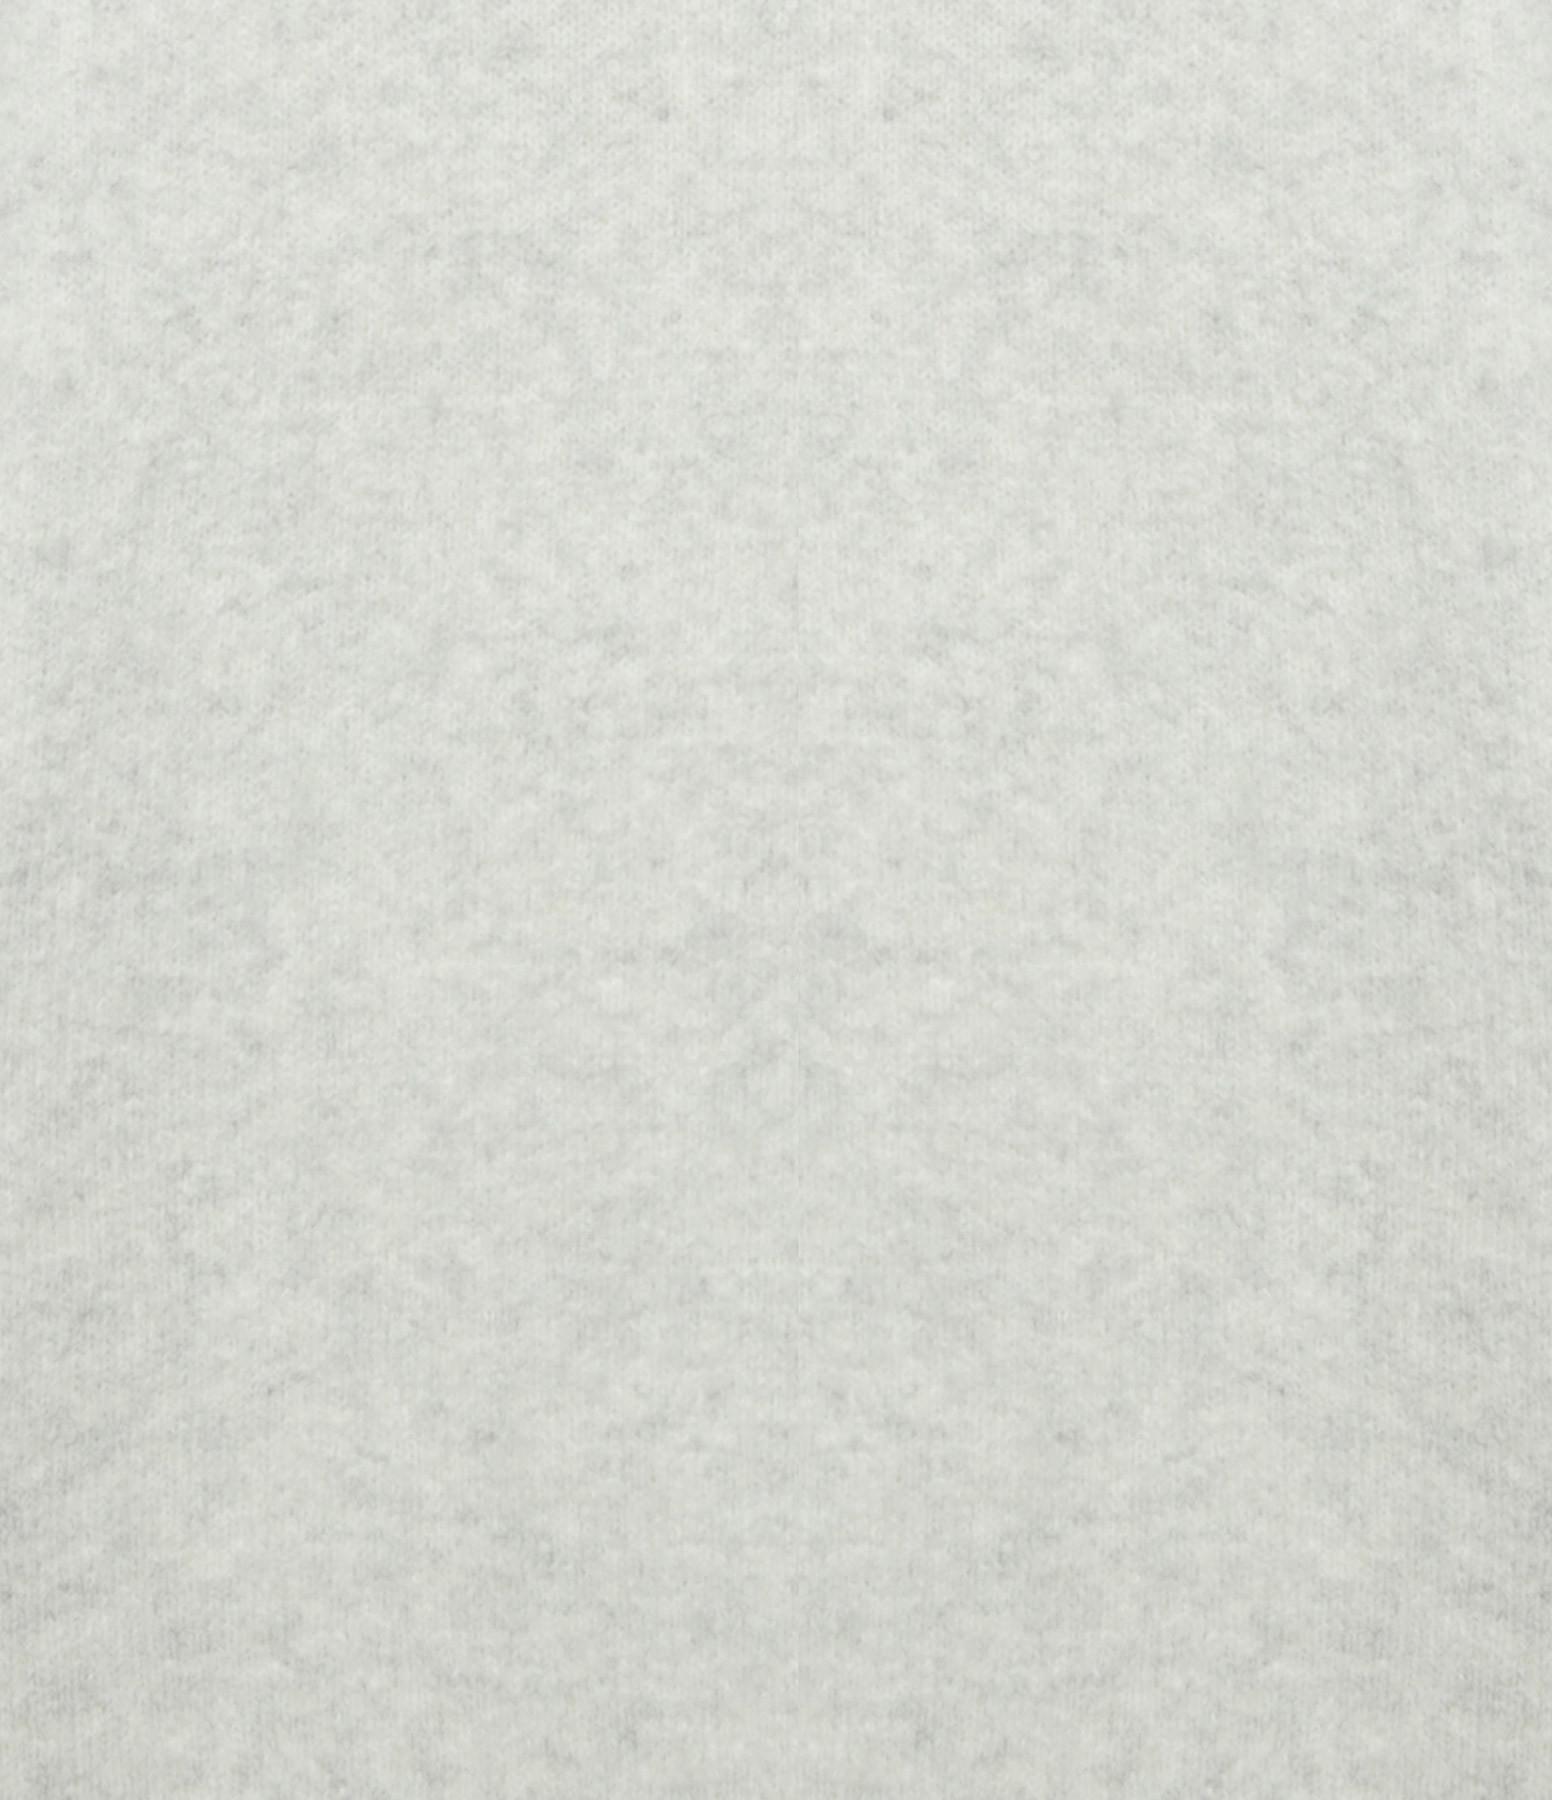 ISABEL MARANT ÉTOILE - Robe Danaelle Coton Gris Clair